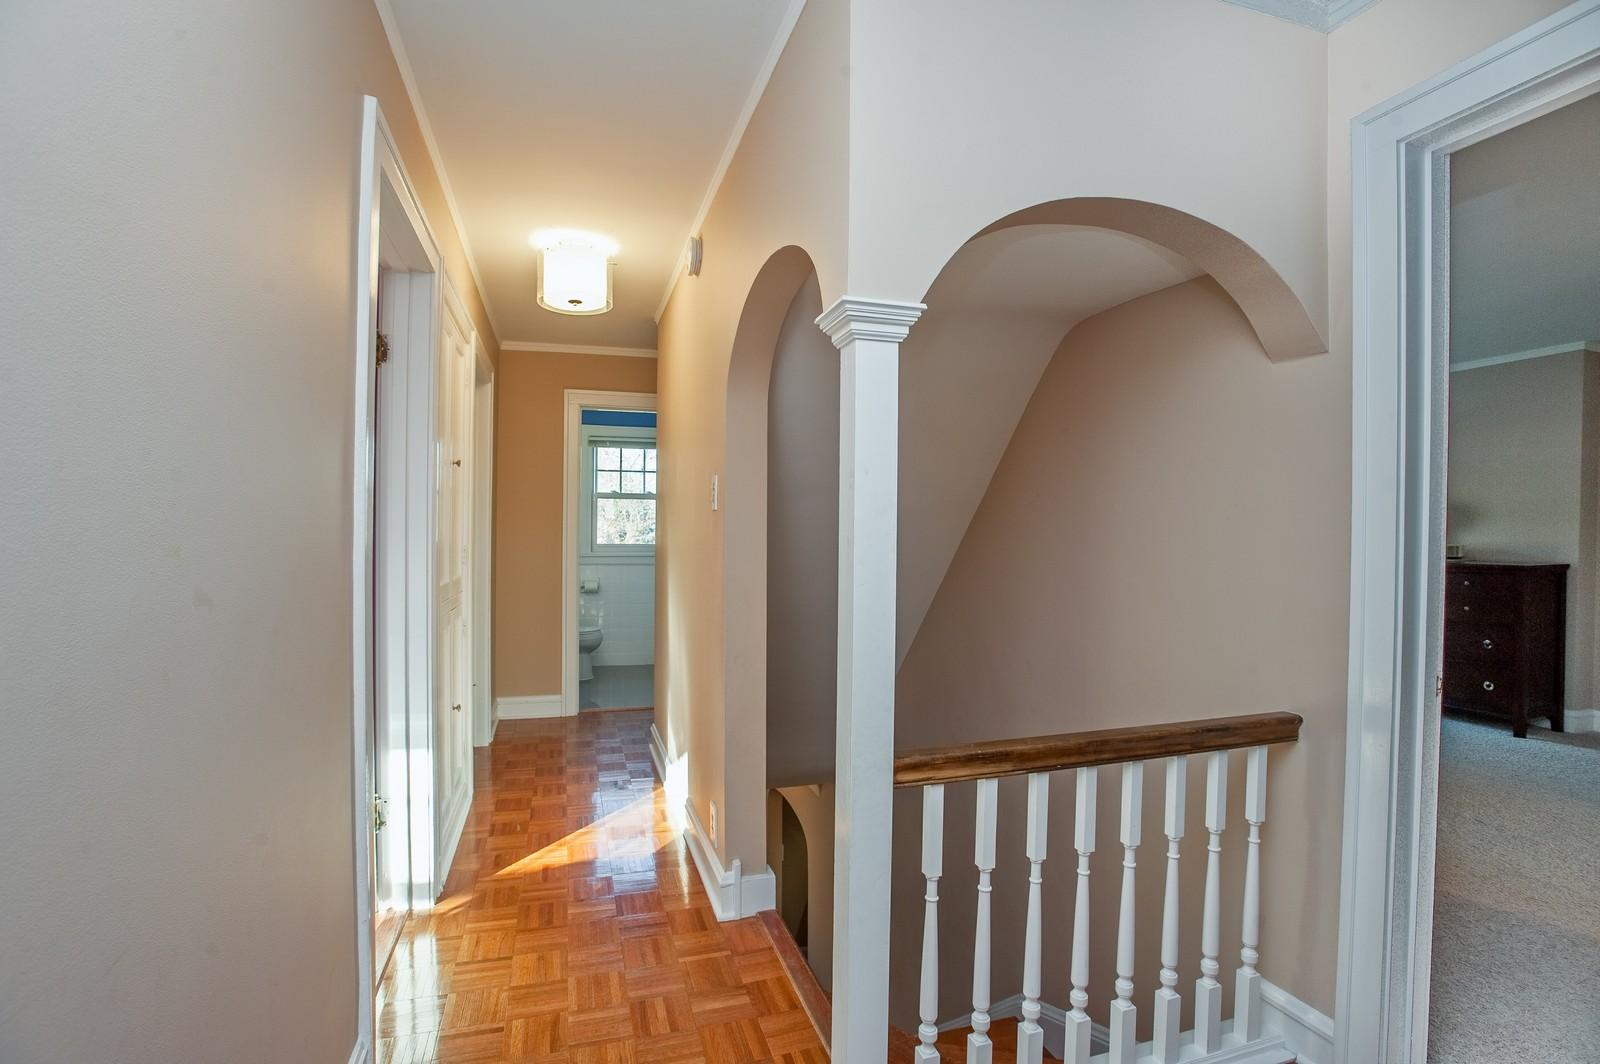 Real Estate Photography - 556 Winnetka Ave, Winnetka, IL, 60093 - Hallway